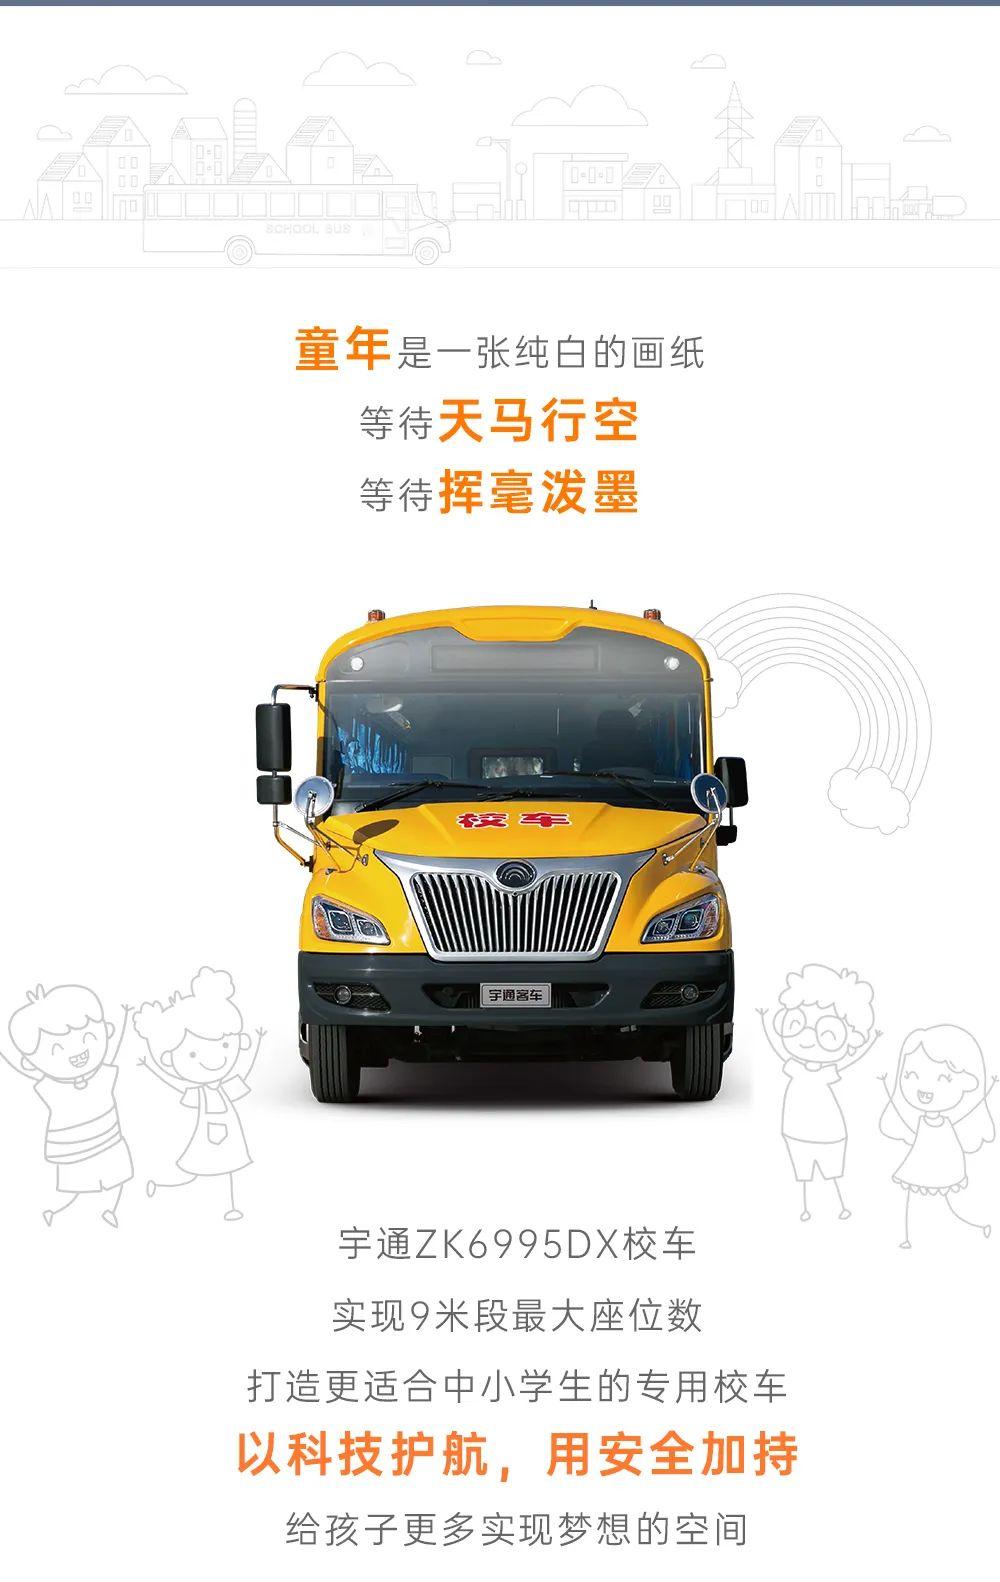 9米段最大座位数宇通校车来了,扩容孩子们的童年梦想!